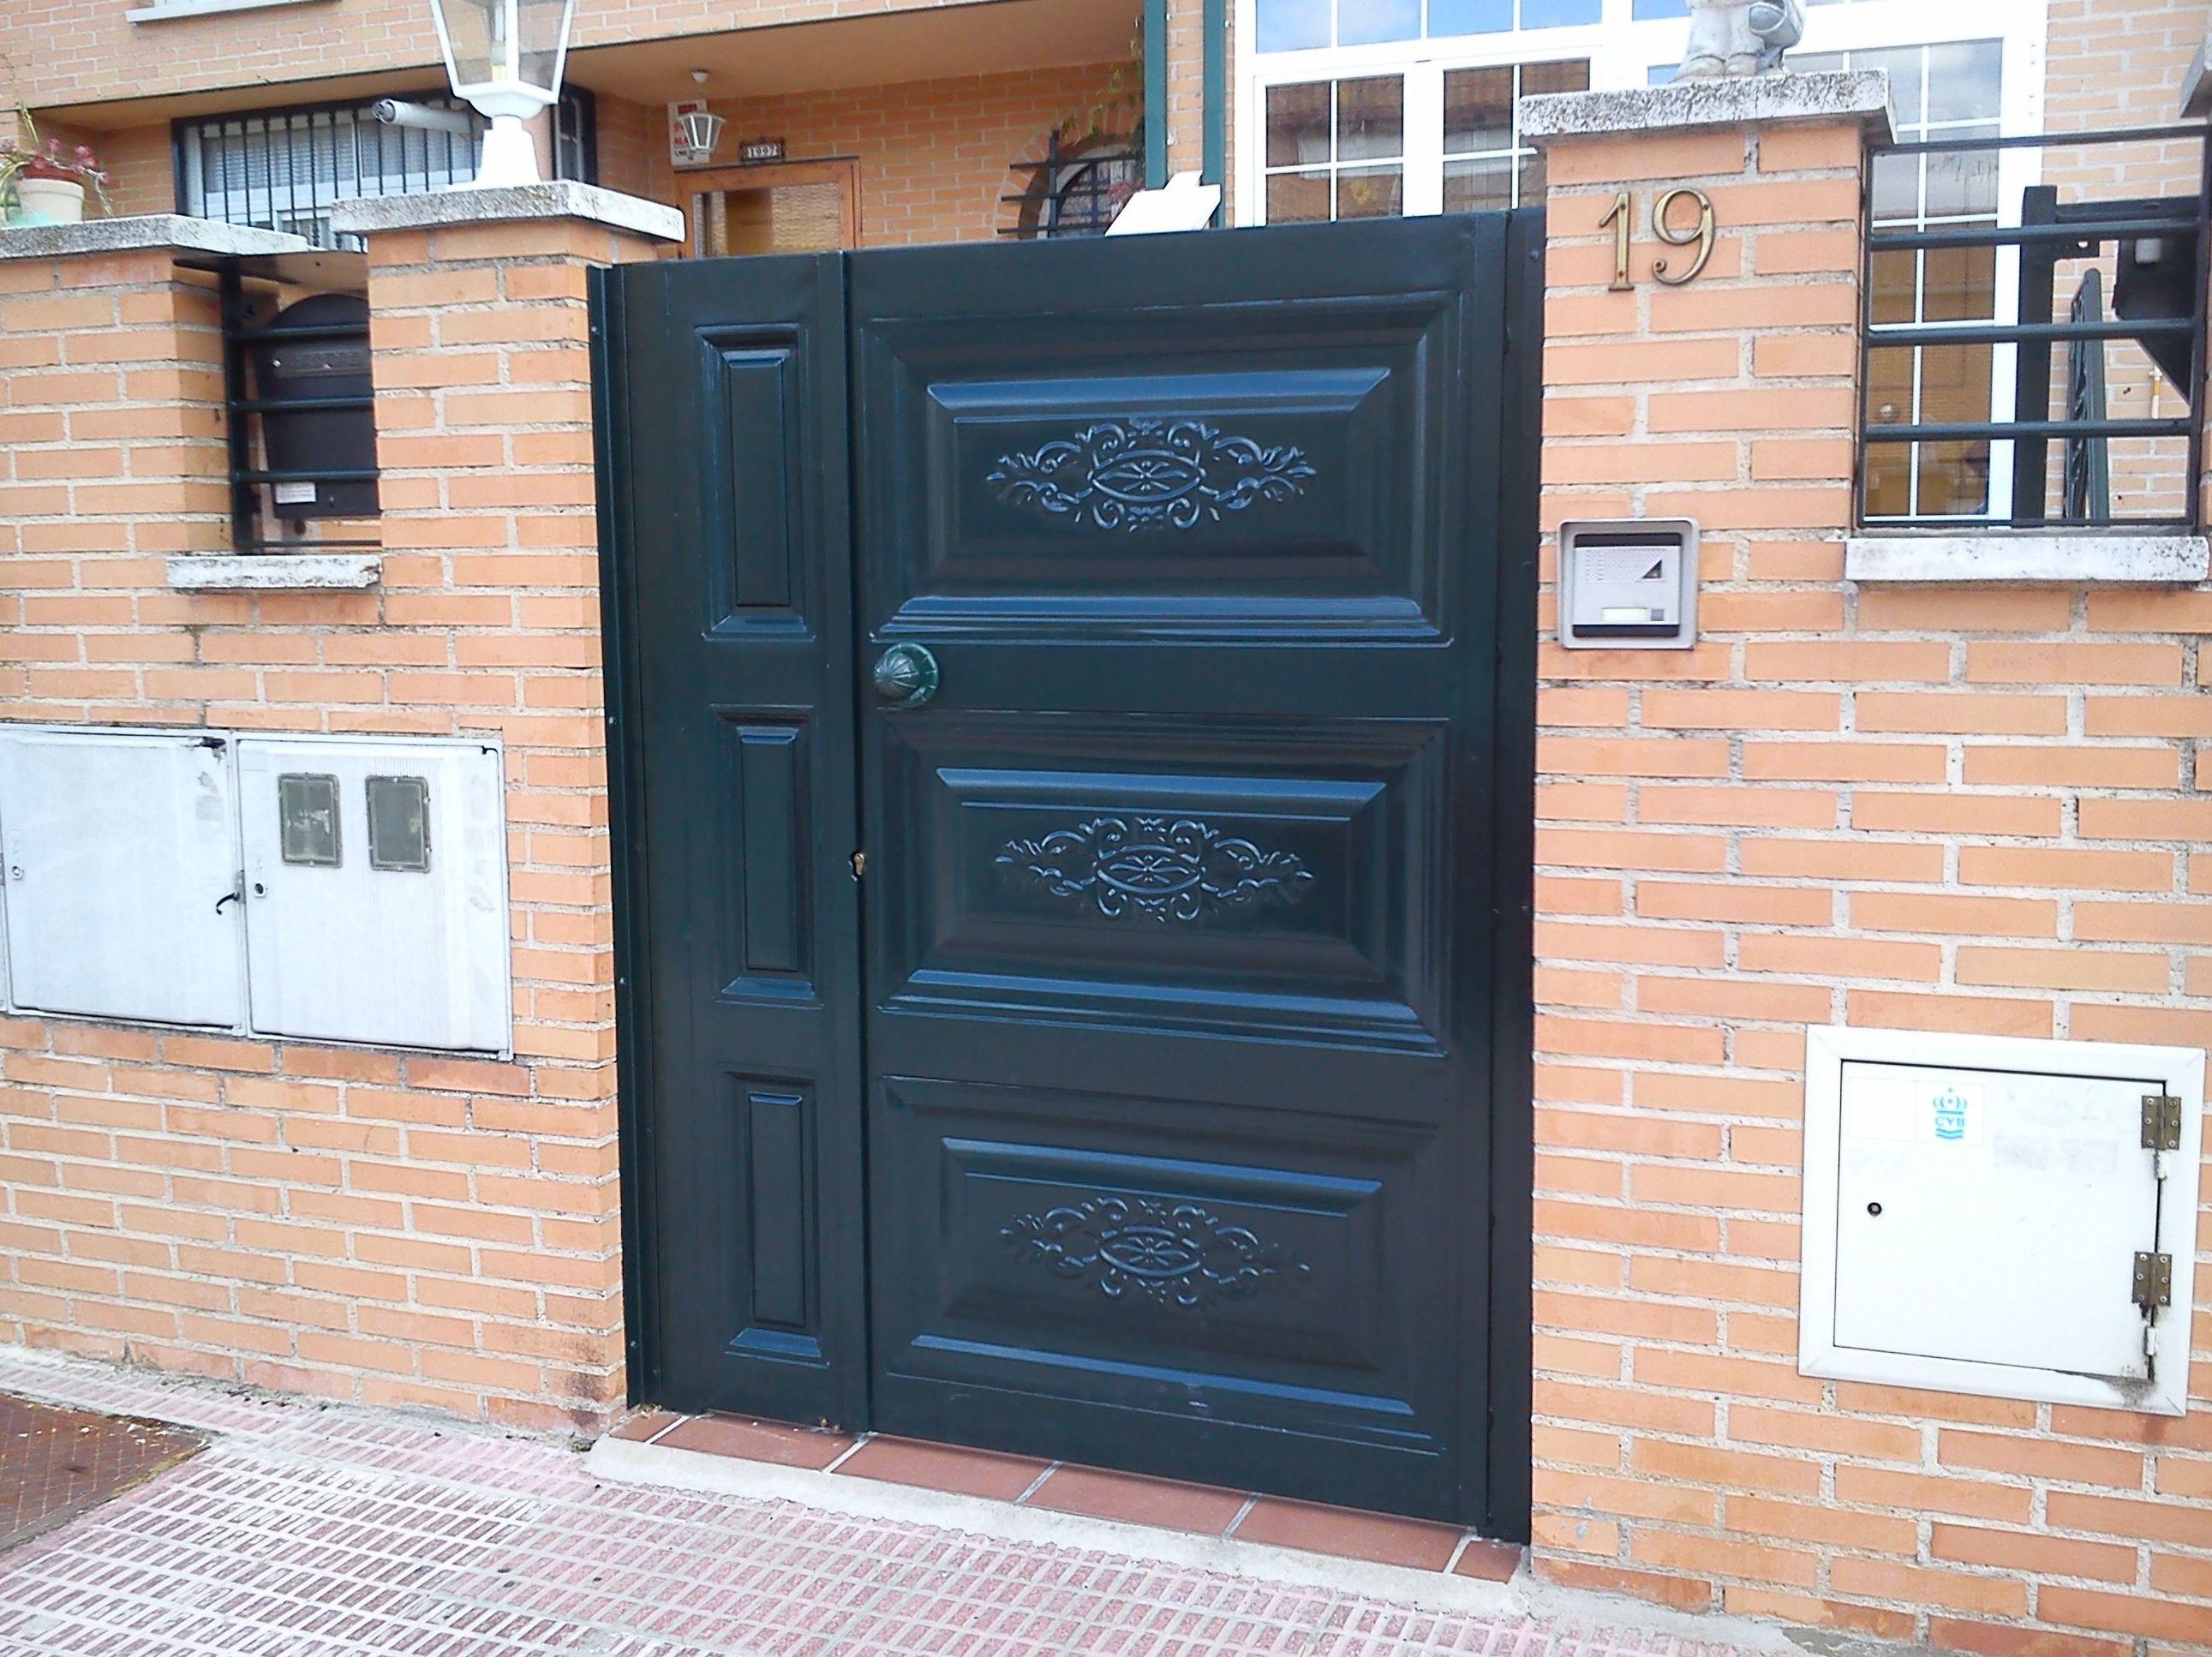 Puerta peatonal: Trabajos de Cerrajería Alberto Bautista.